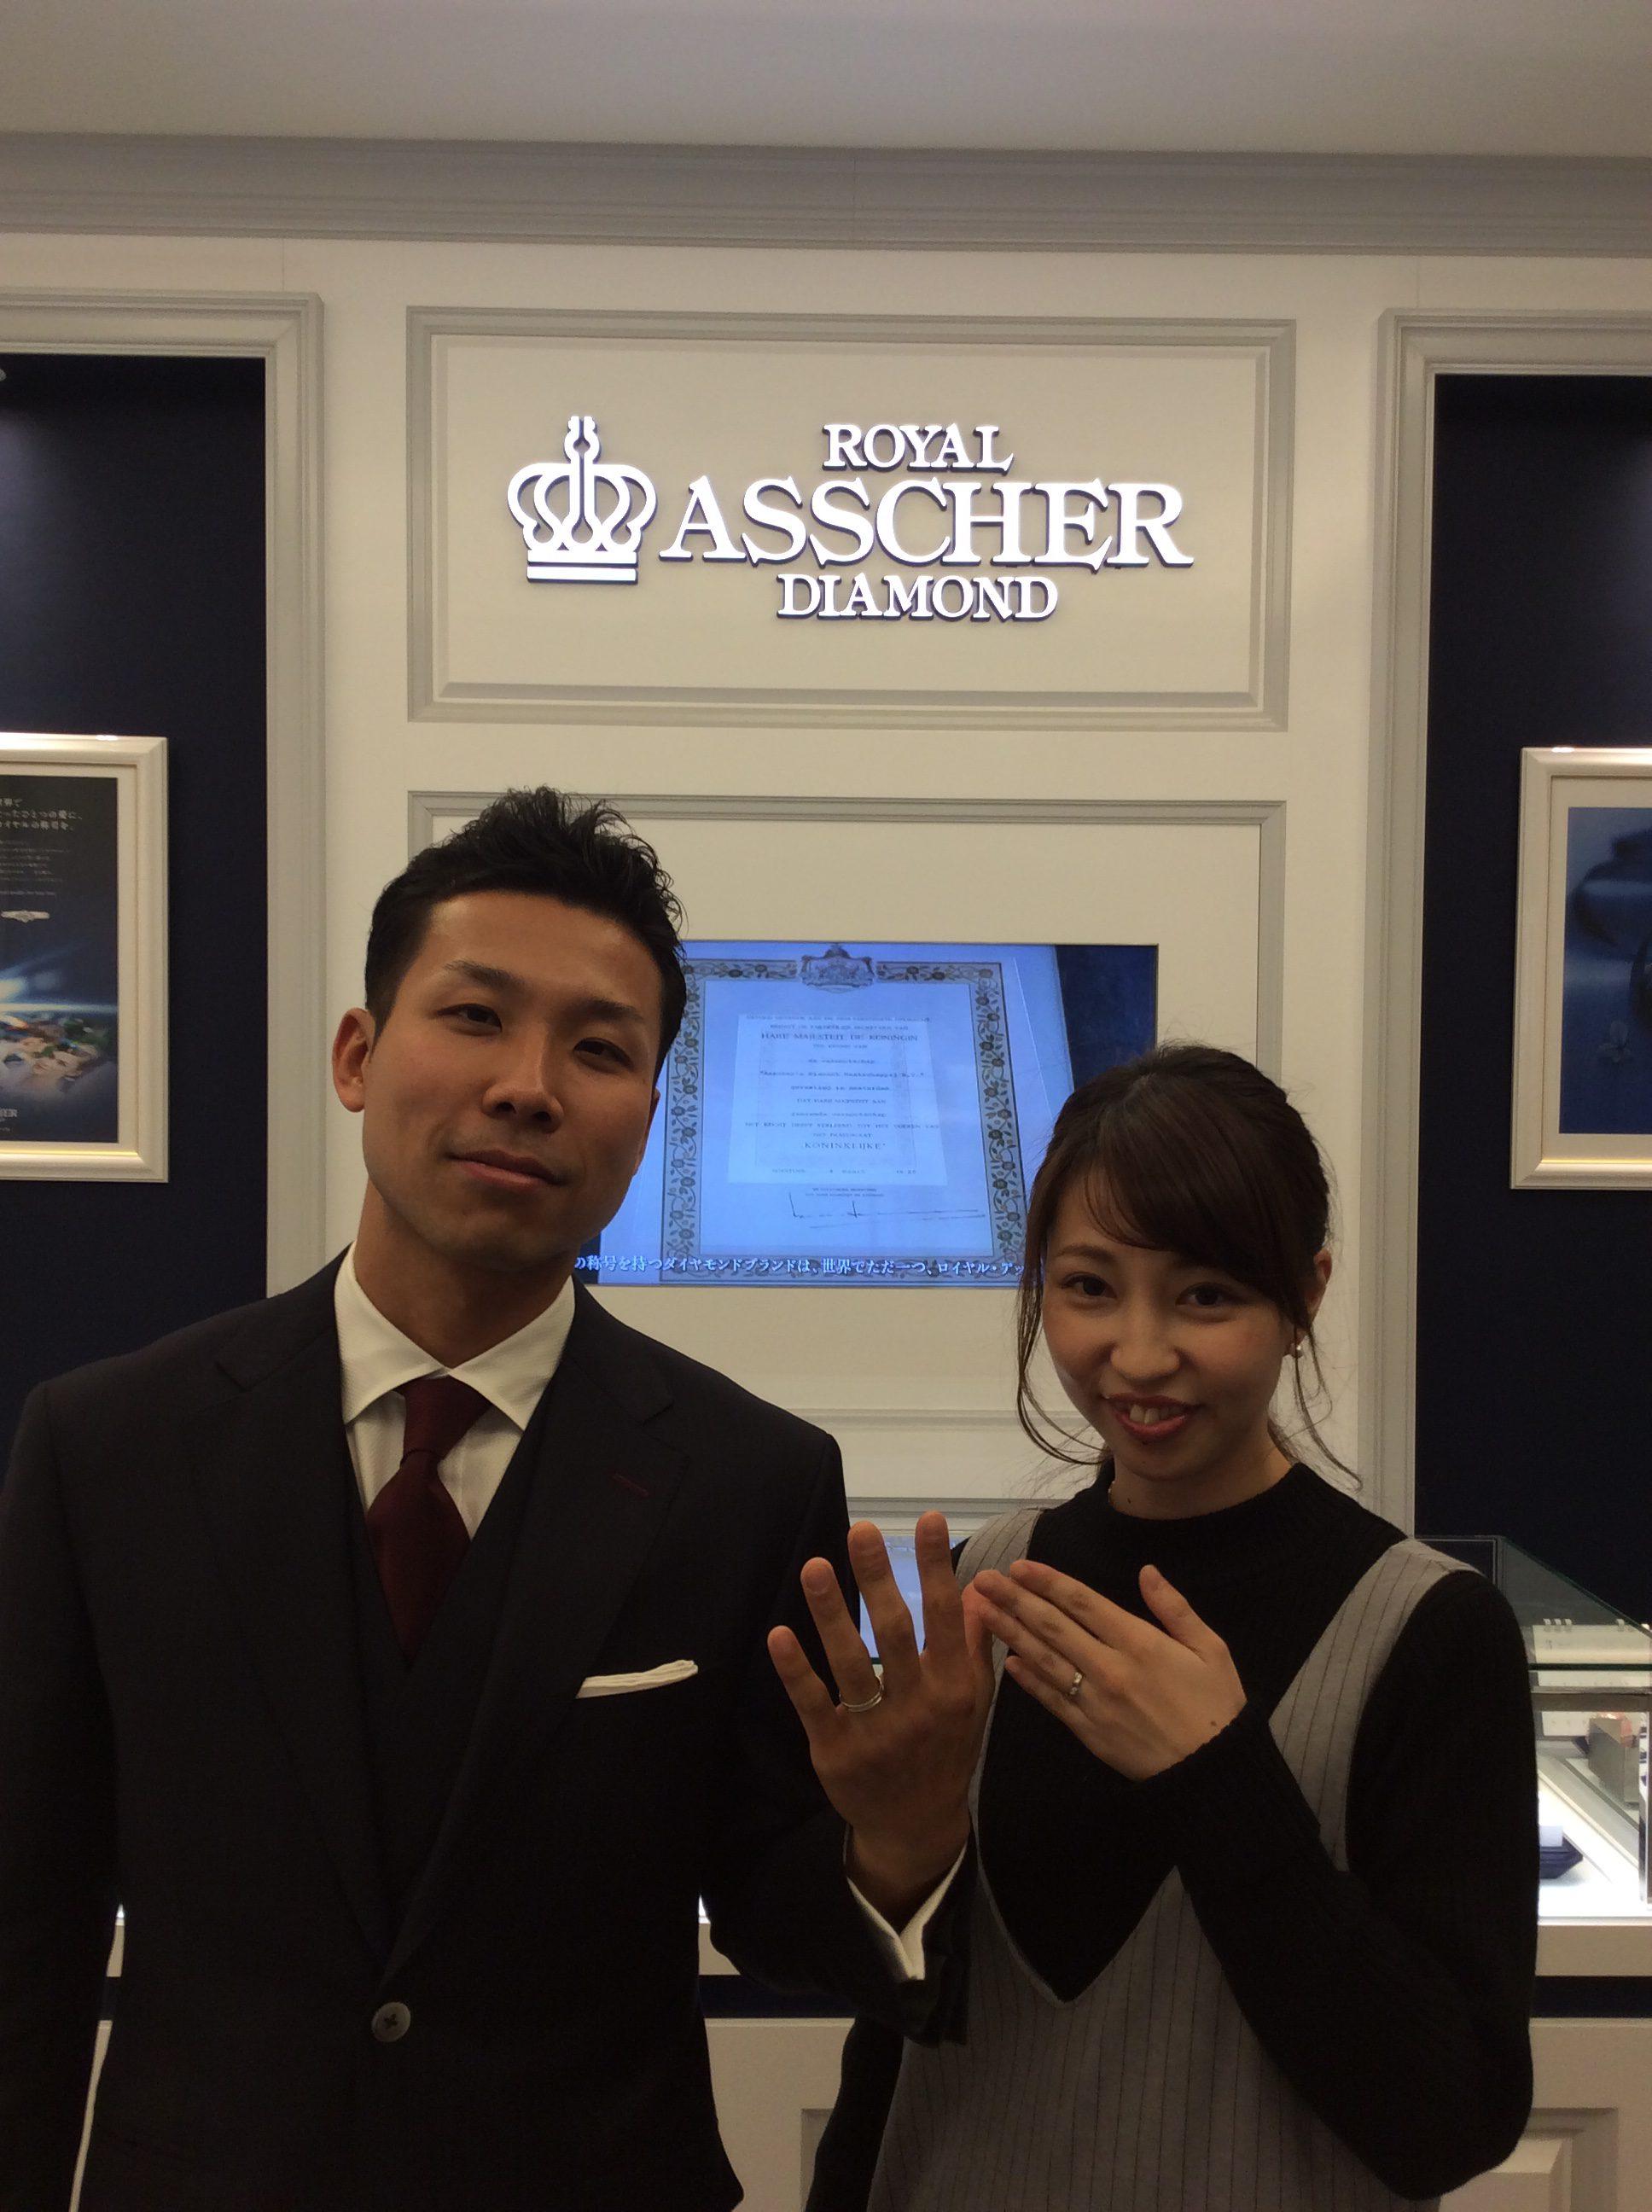 婚約指輪・結婚指輪『ロイヤルアッシャー』💎世界最高峰のダイヤモンドブランド✨(新潟市/K様・Y様)